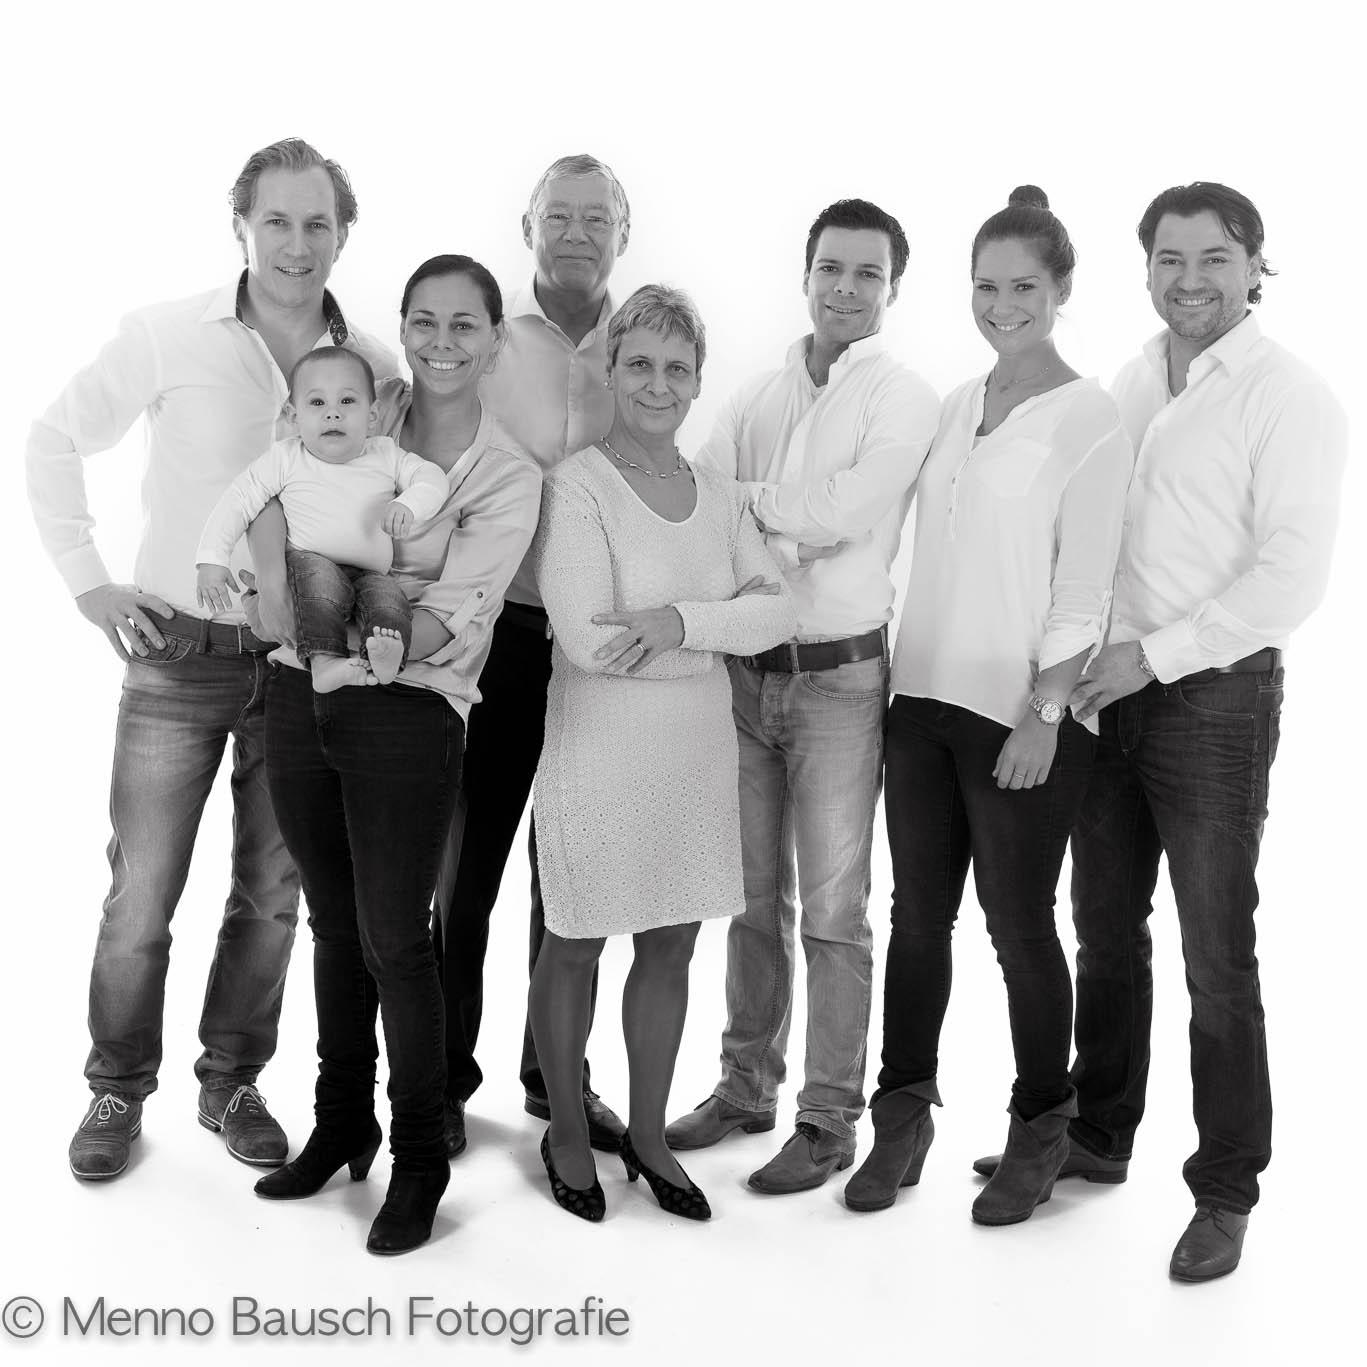 Menno Bausch Fotografie16-2